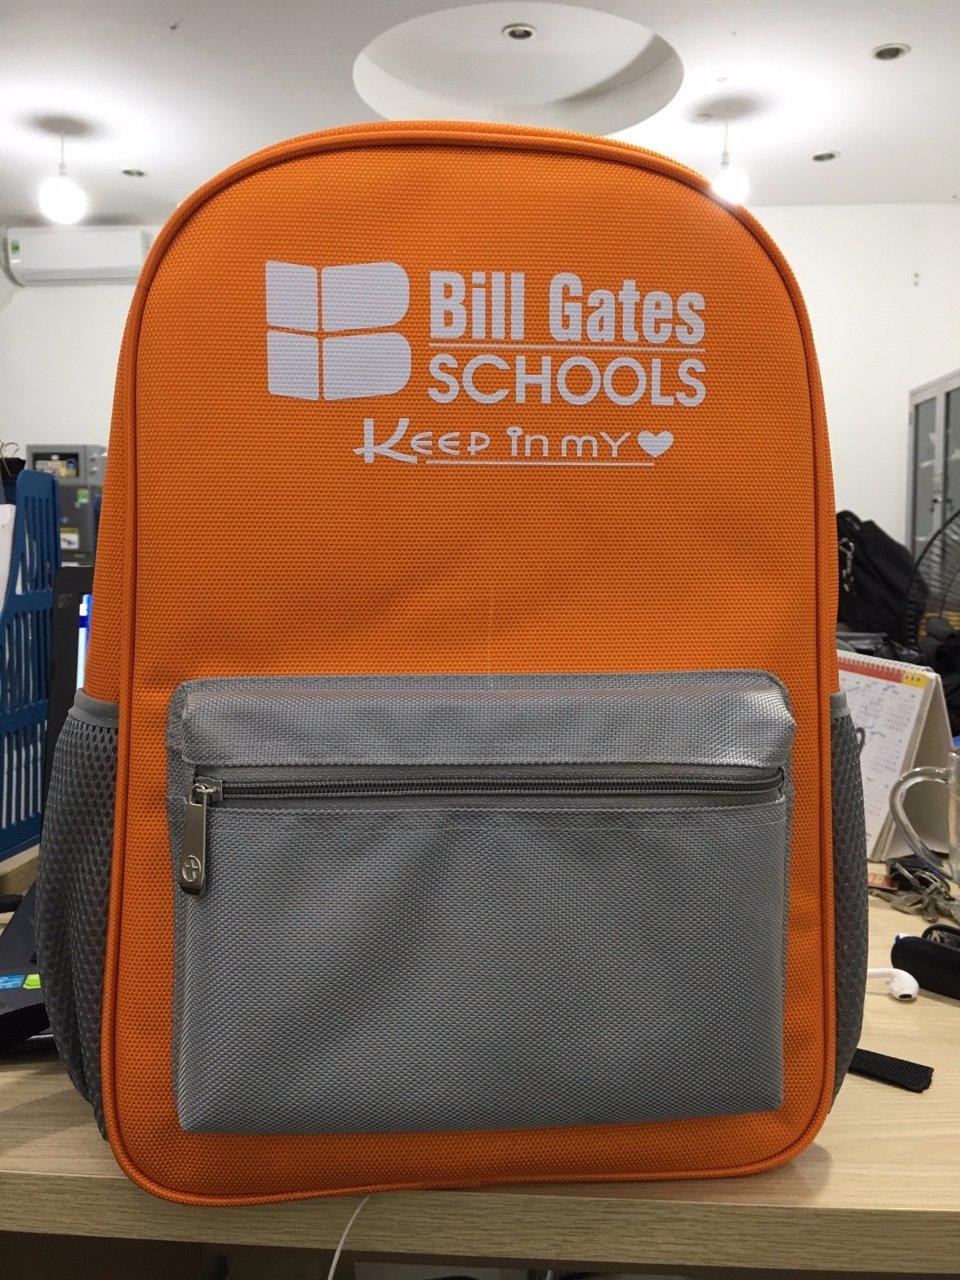 Balo đồng phục trường BILLGATES SCHOOL